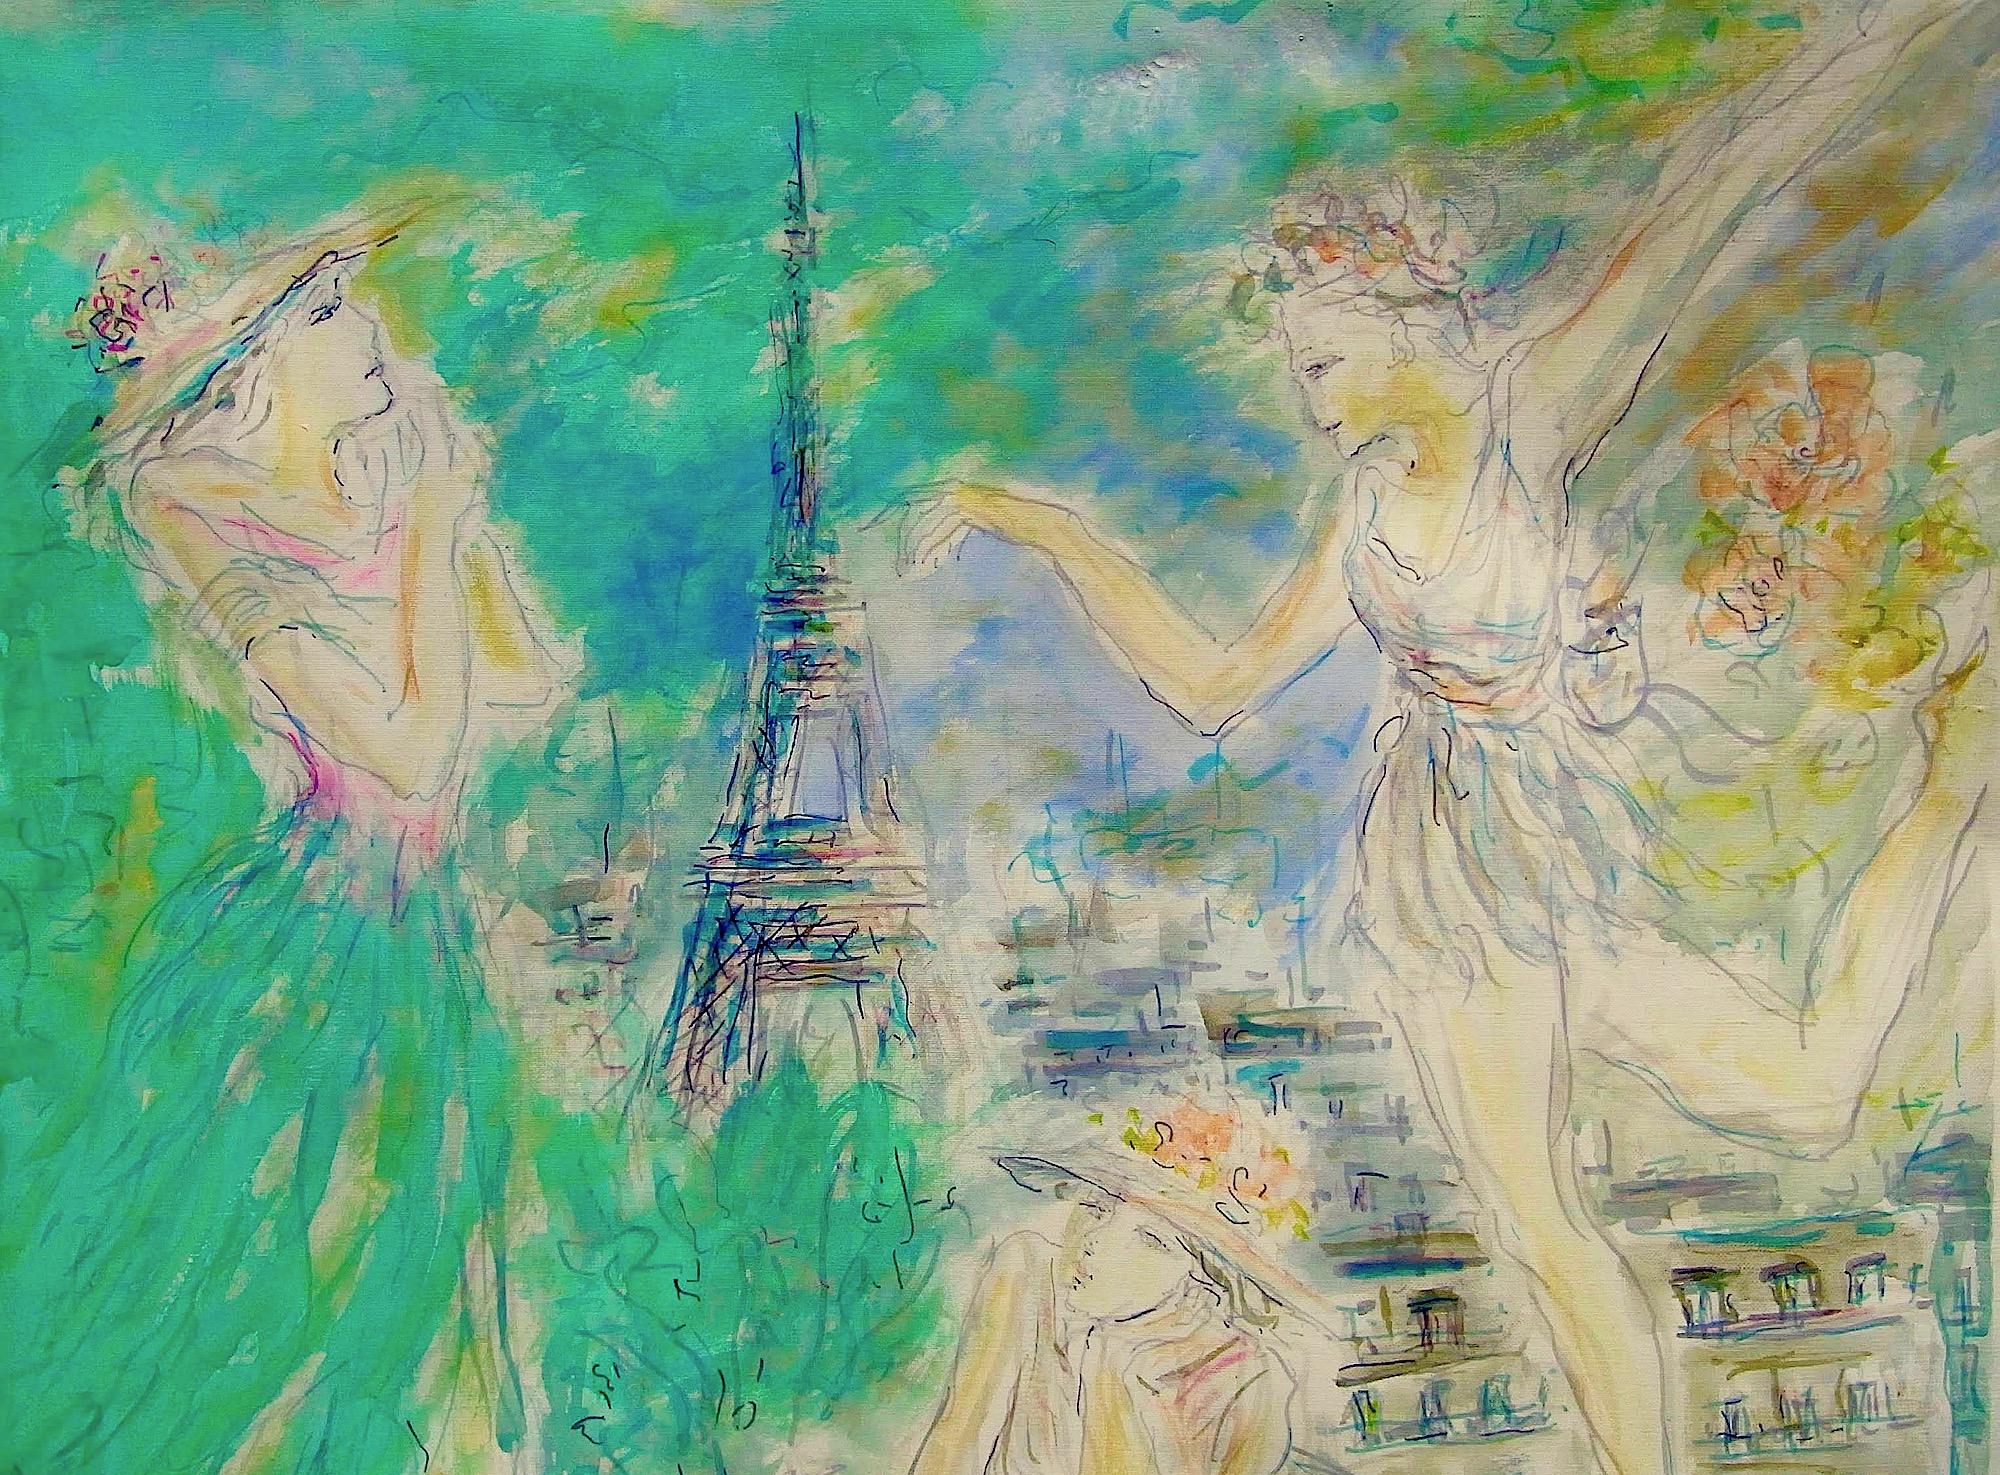 MAMI / Images et Poésie, Dans les Bras de Paris